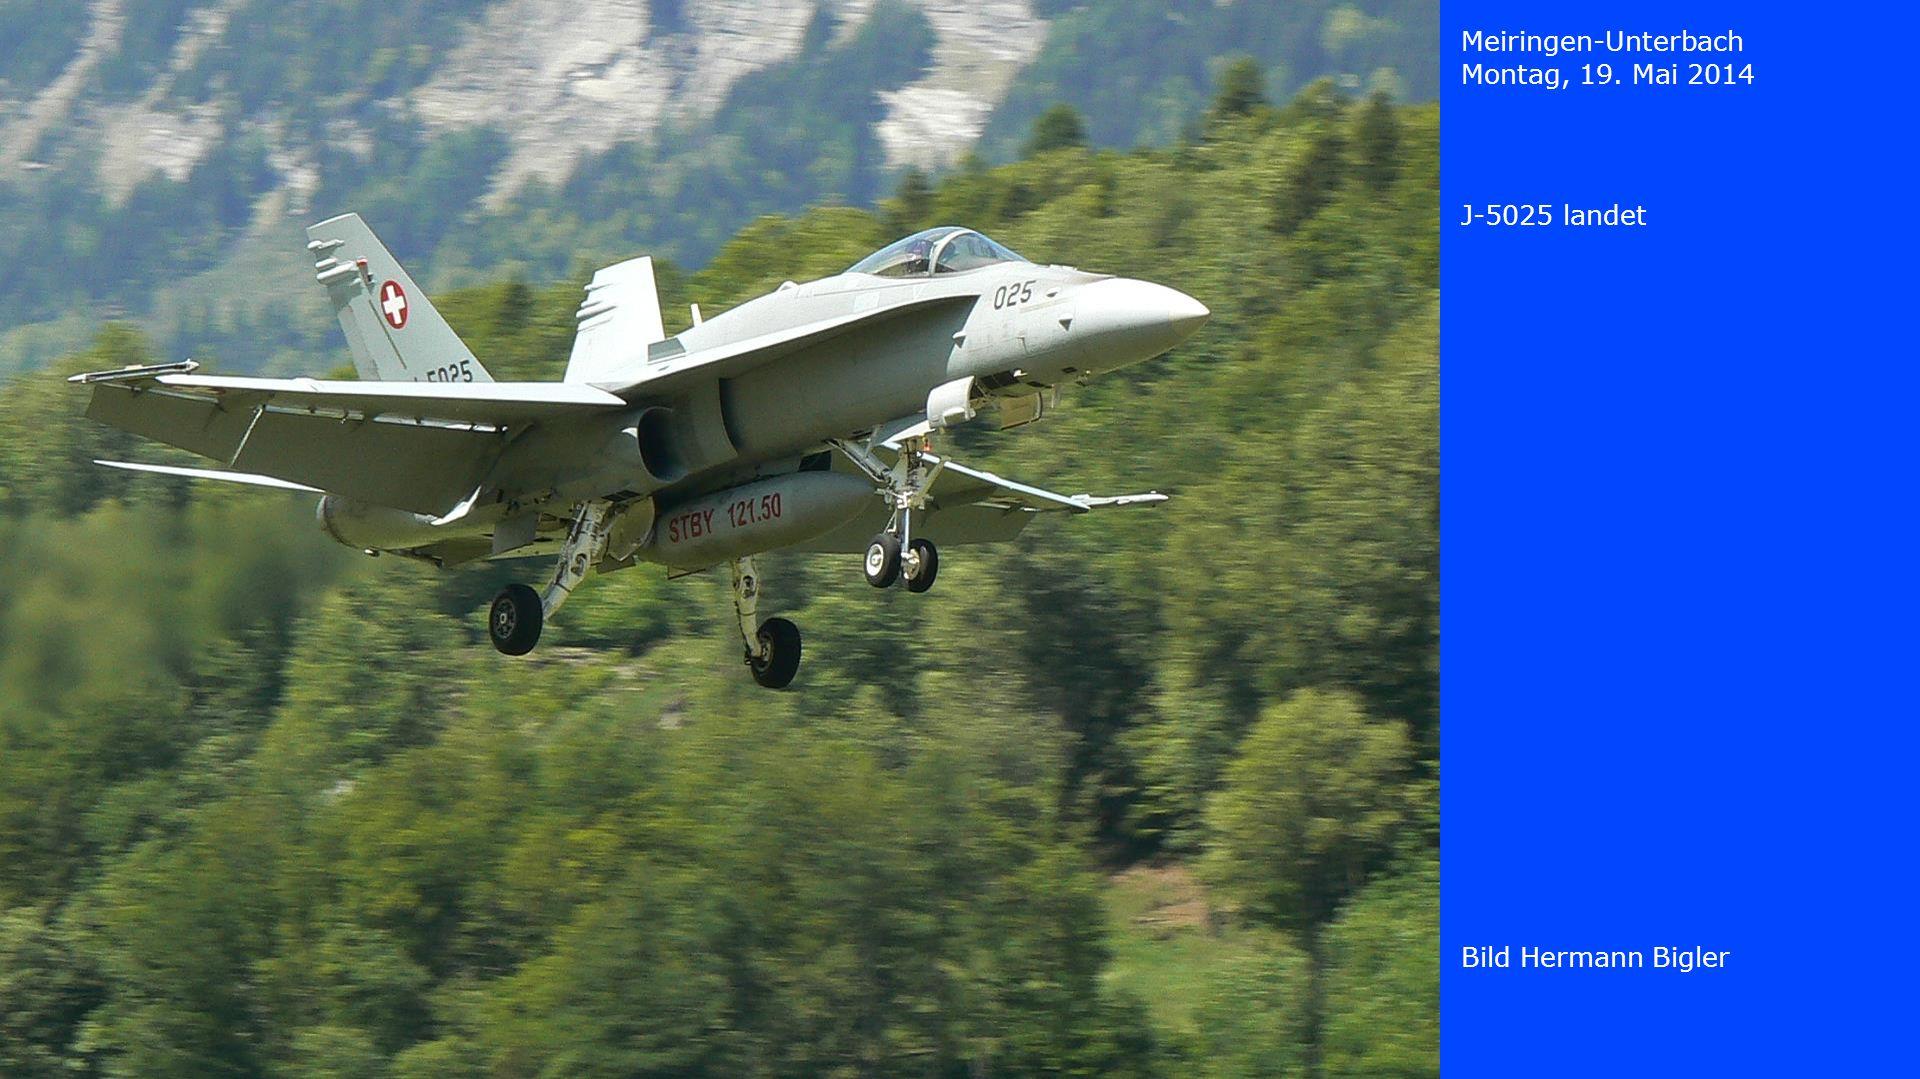 Meiringen-Unterbach Montag, 19. Mai 2014 J-5025 landet Bild Hermann Bigler